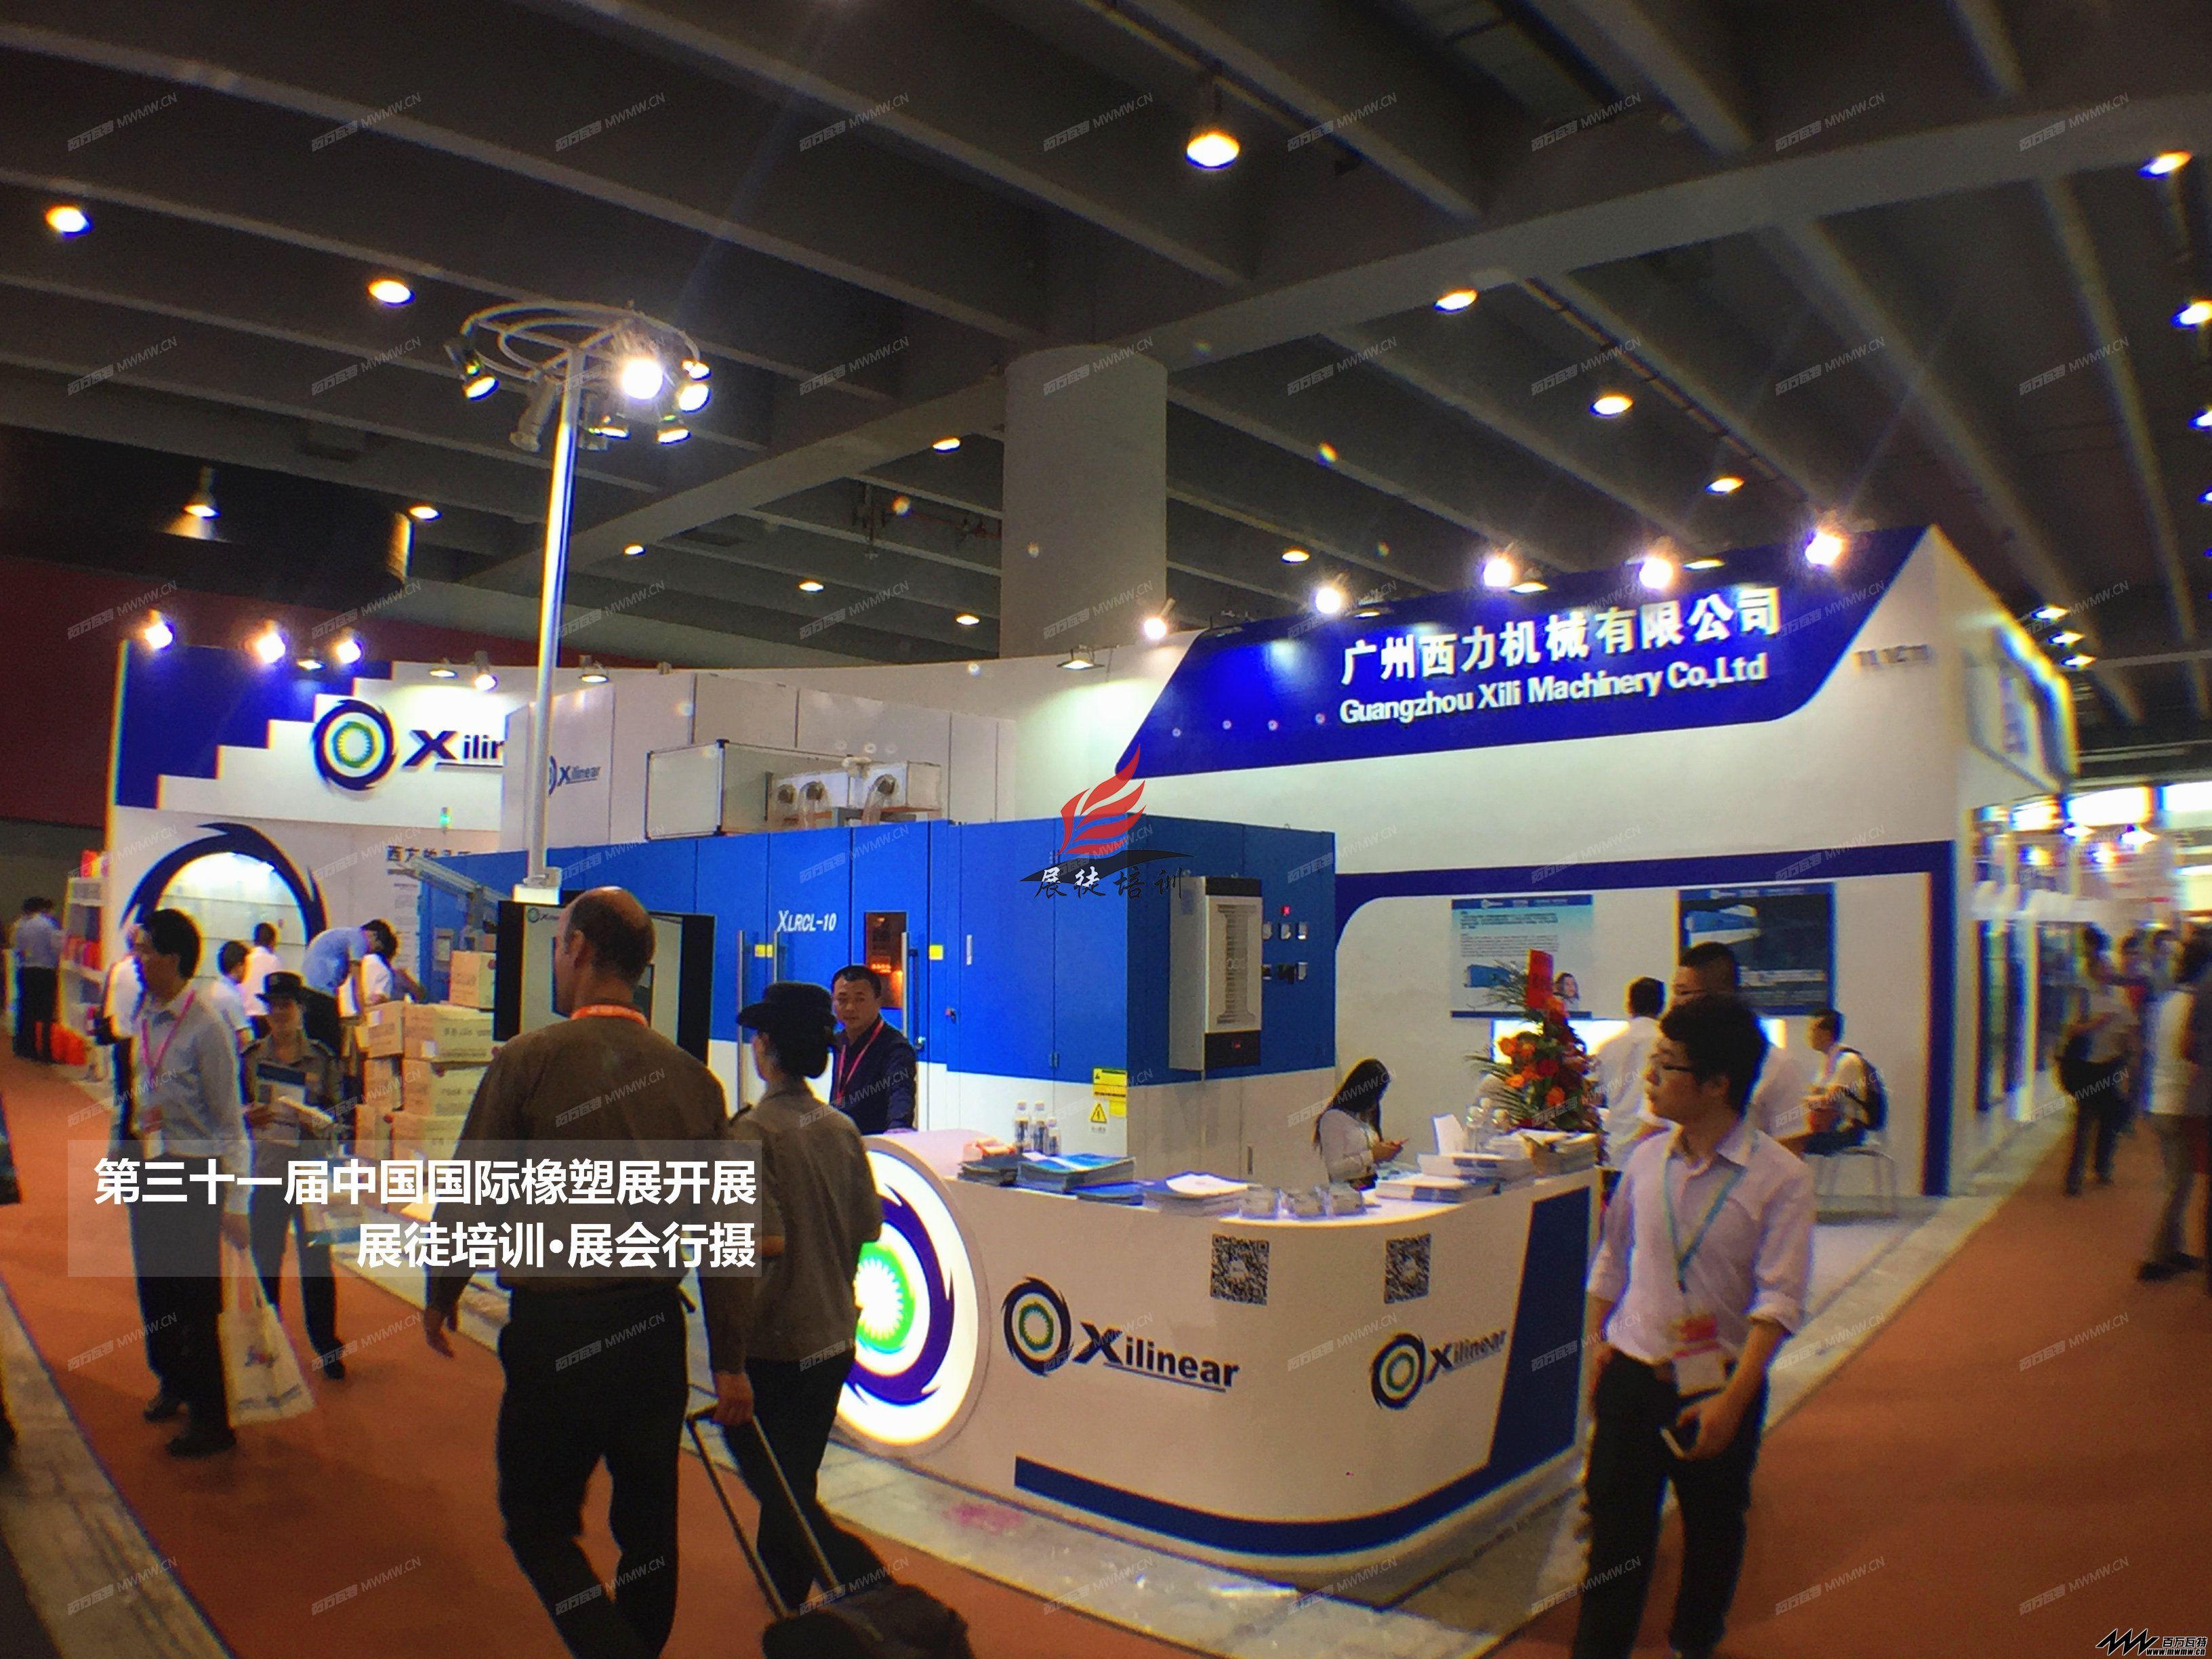 2017第三十一届中国国际橡塑展·展徒培训·展会行摄 (9) - 副本.JPG